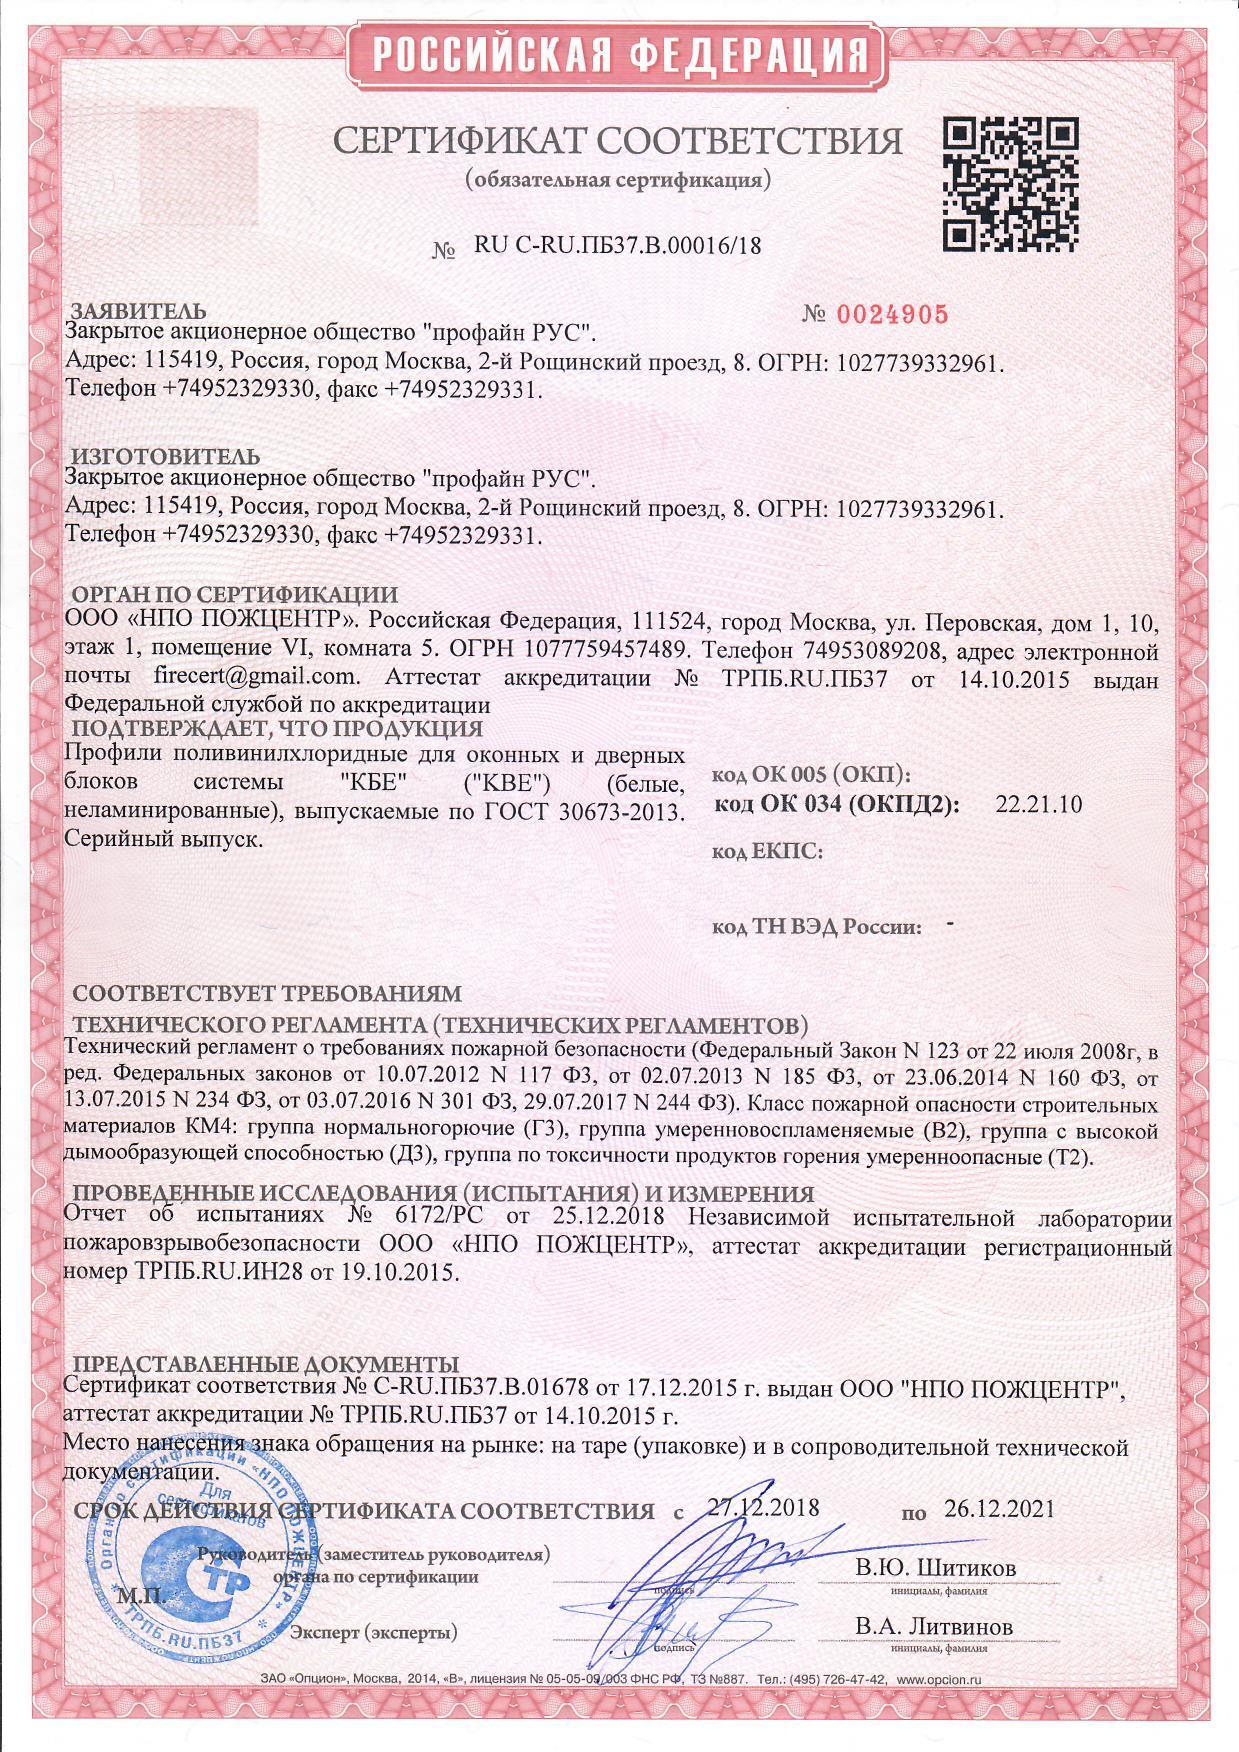 KBE-pozharnyjSertifikat.12.21